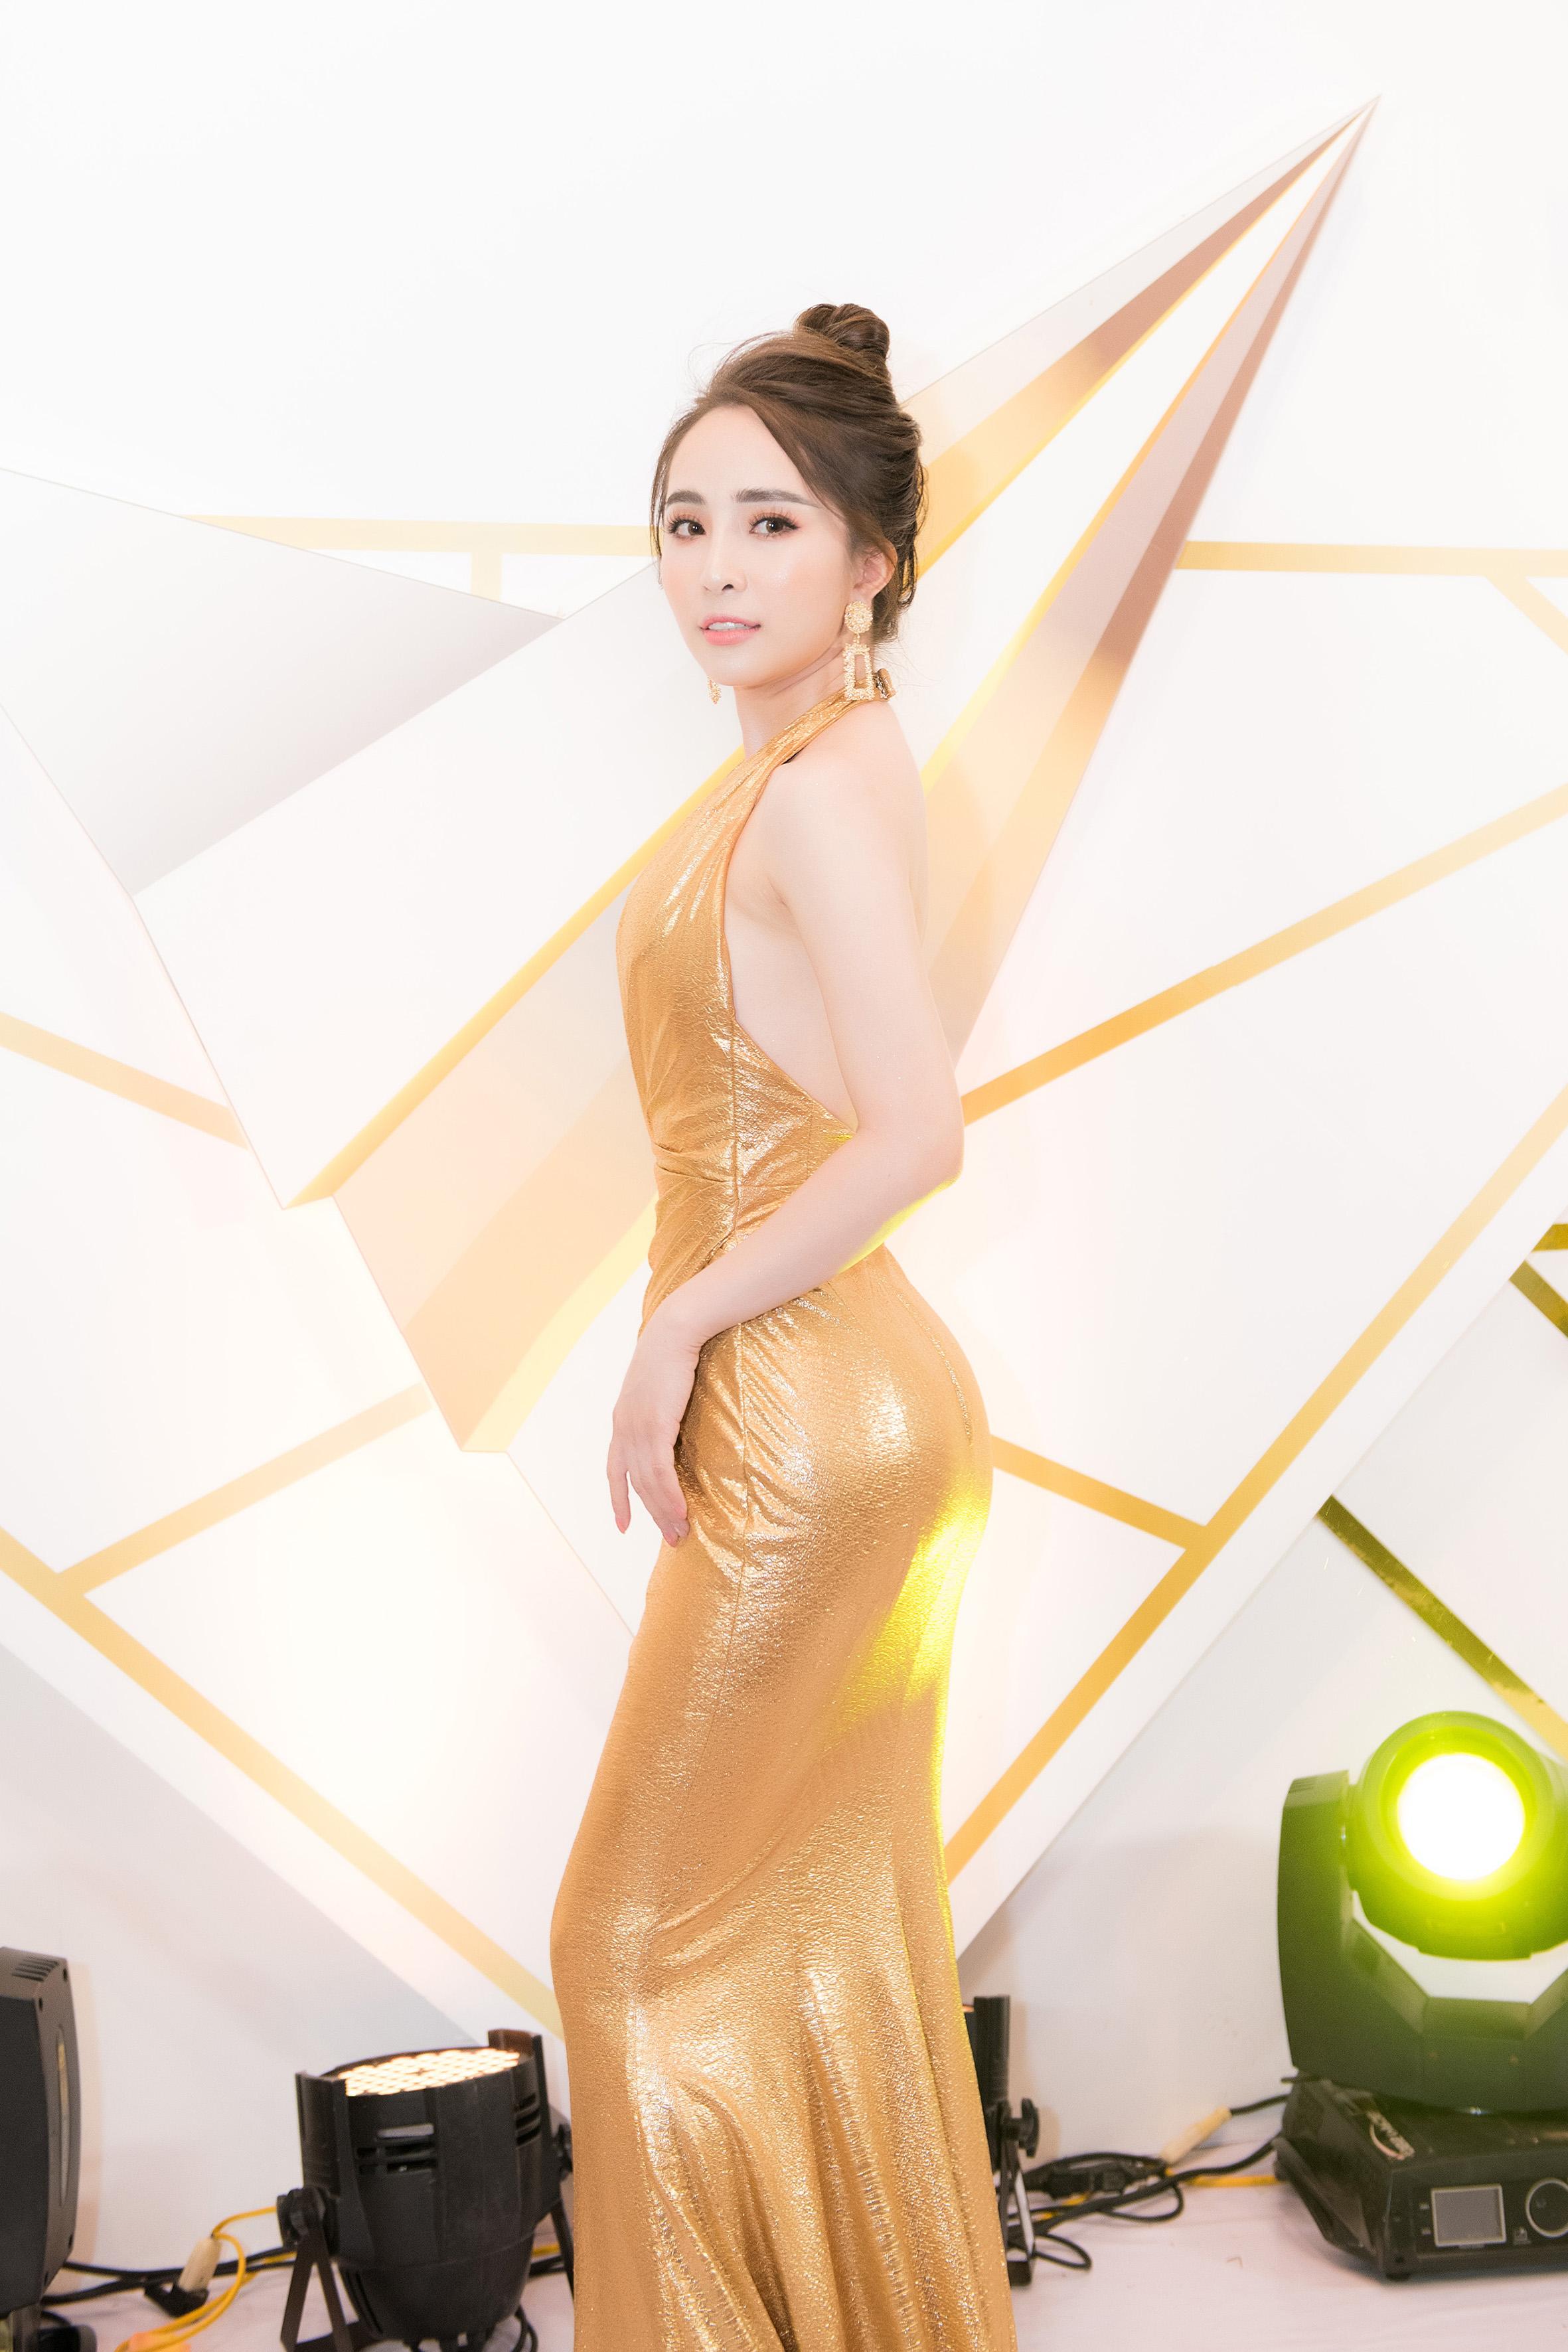 Quỳnh Nga khoe vẻ đẹp vạn người mê trên thảm đỏ VTV Award 2